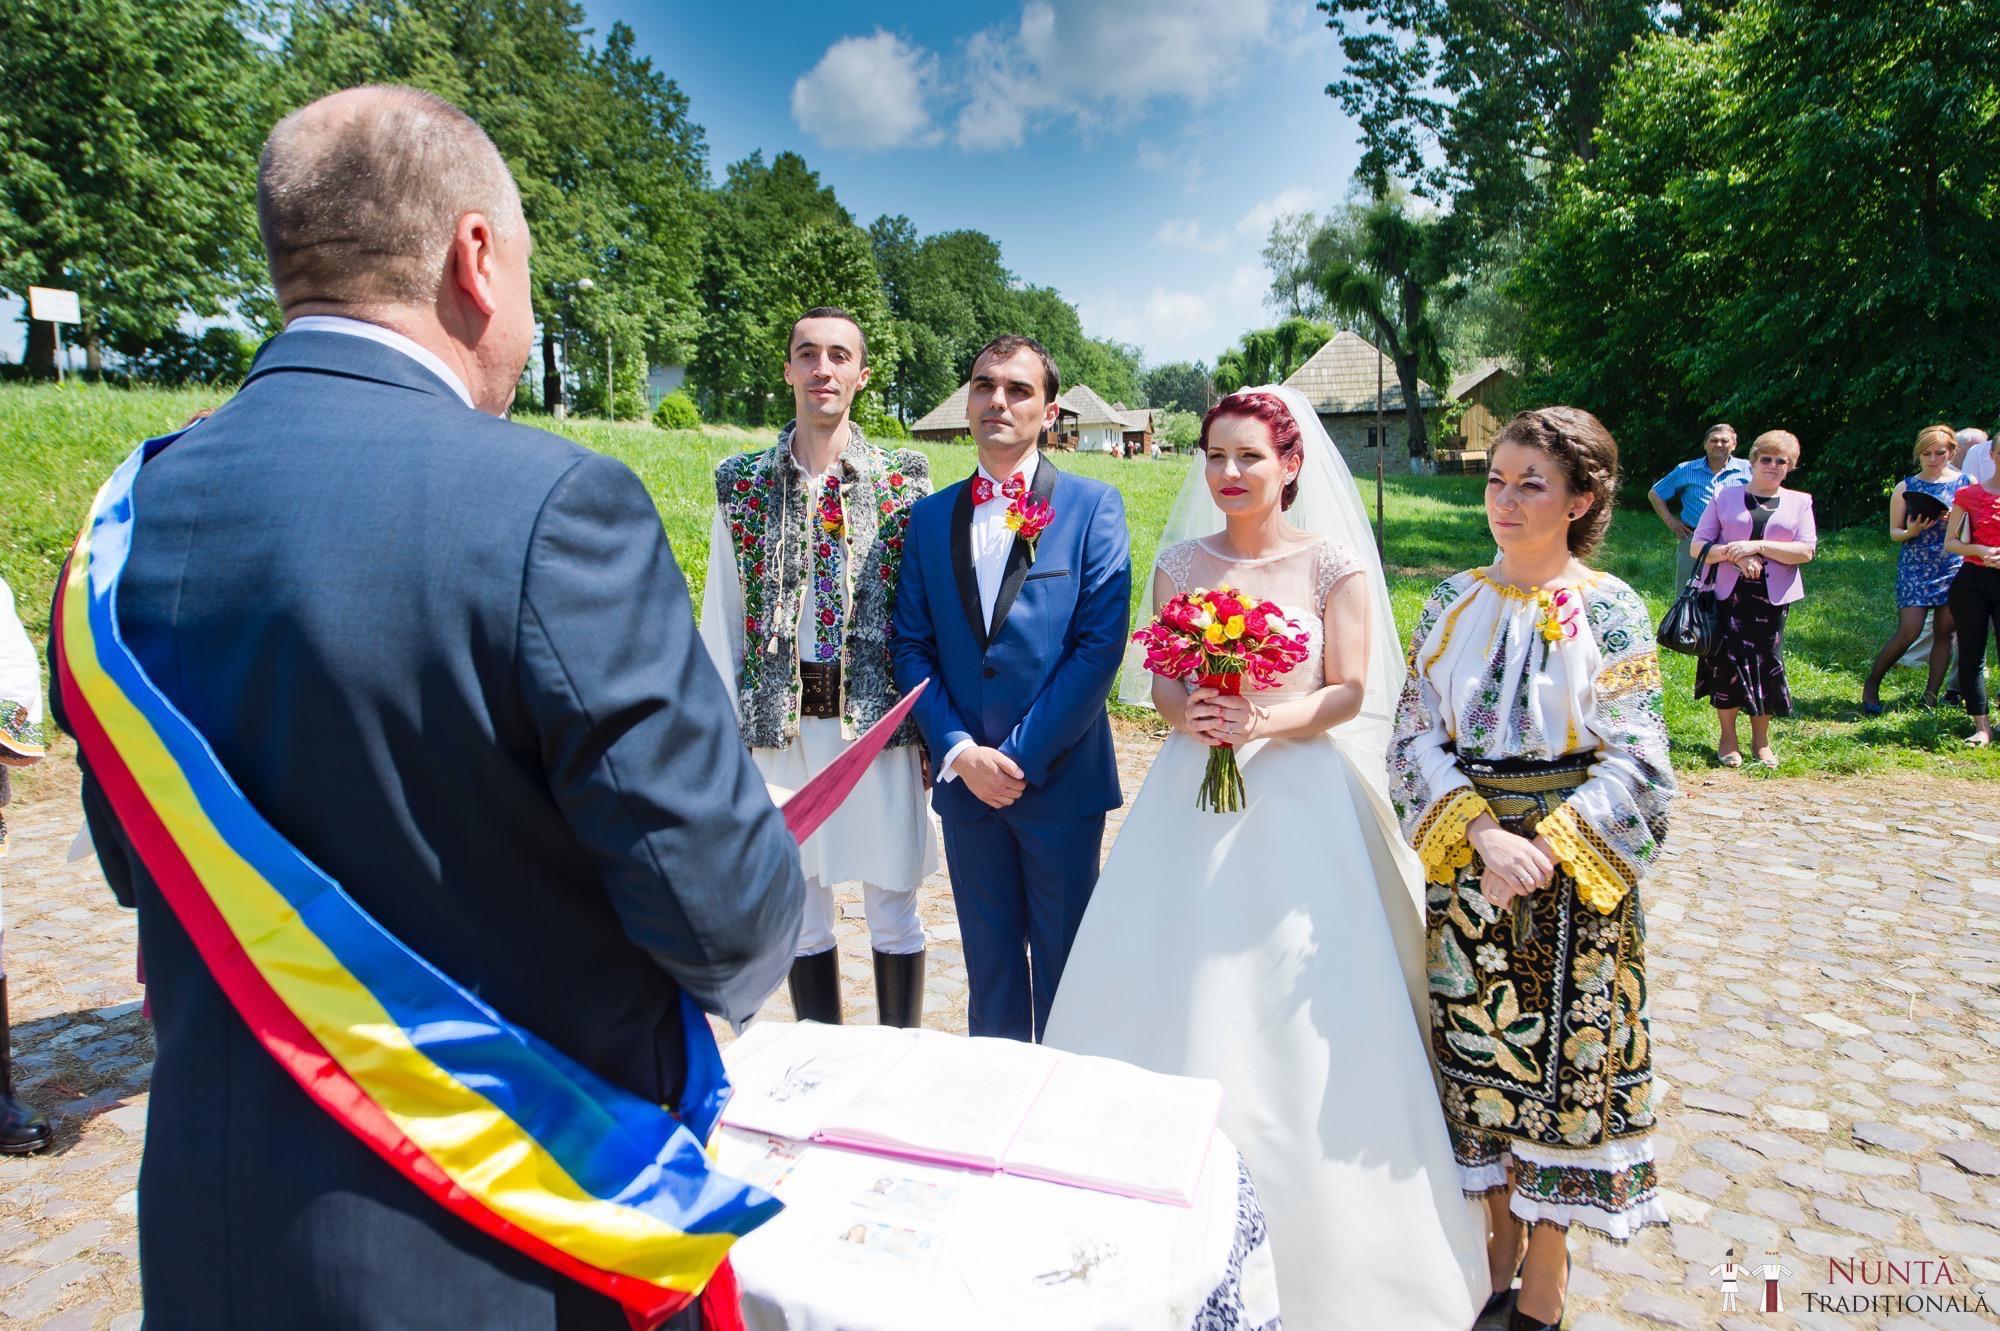 Povești Nunți Tradiționale - Gabriela și Mădălin - Nuntă Tradițională în Suceava, Bucovina 71